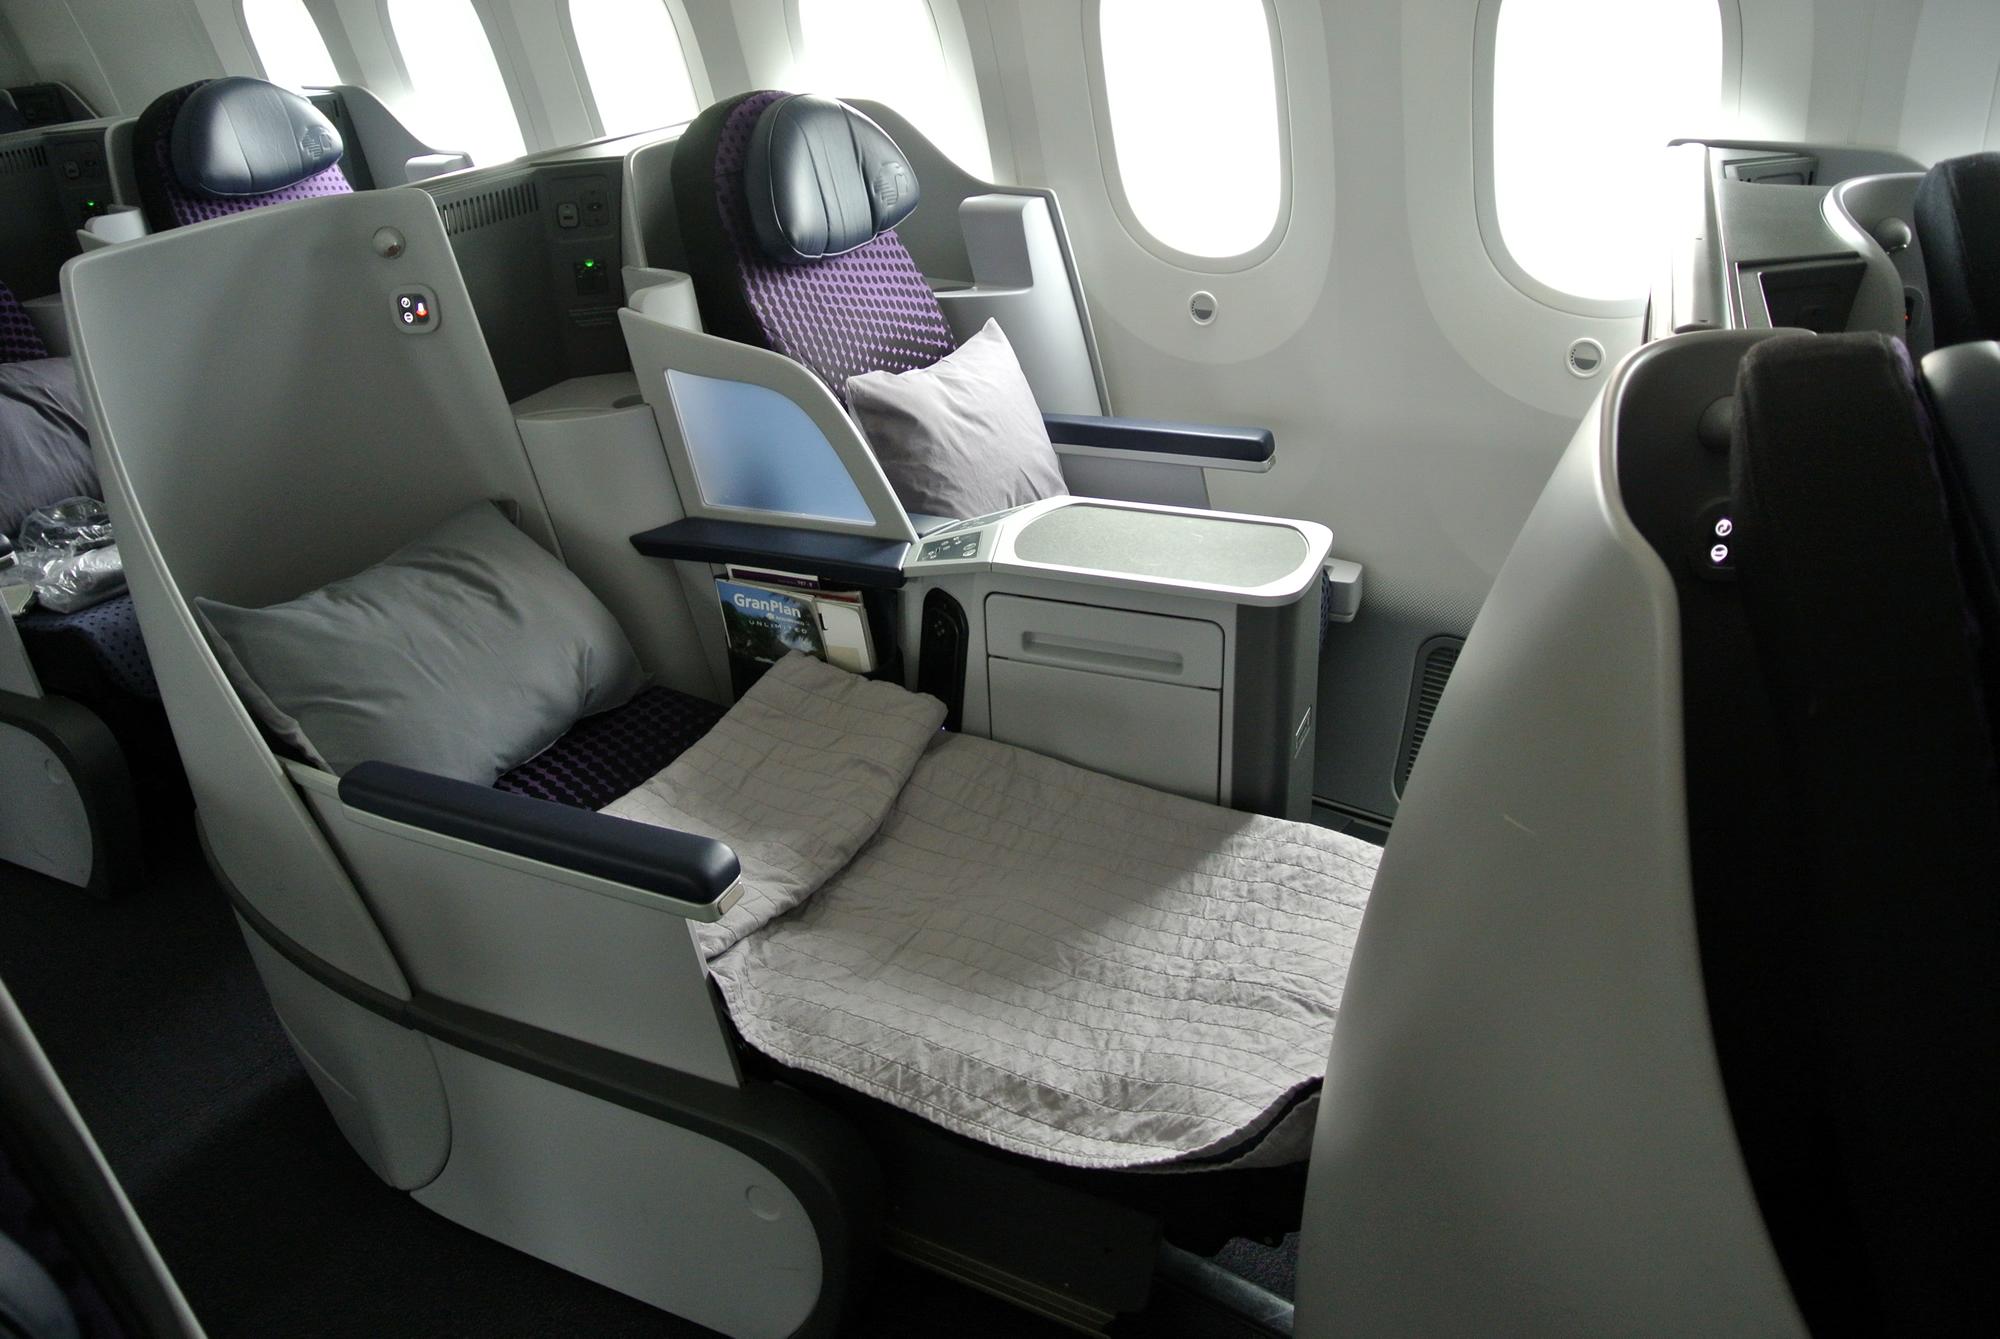 エアロメヒコ航空・ビジネスクラスシート